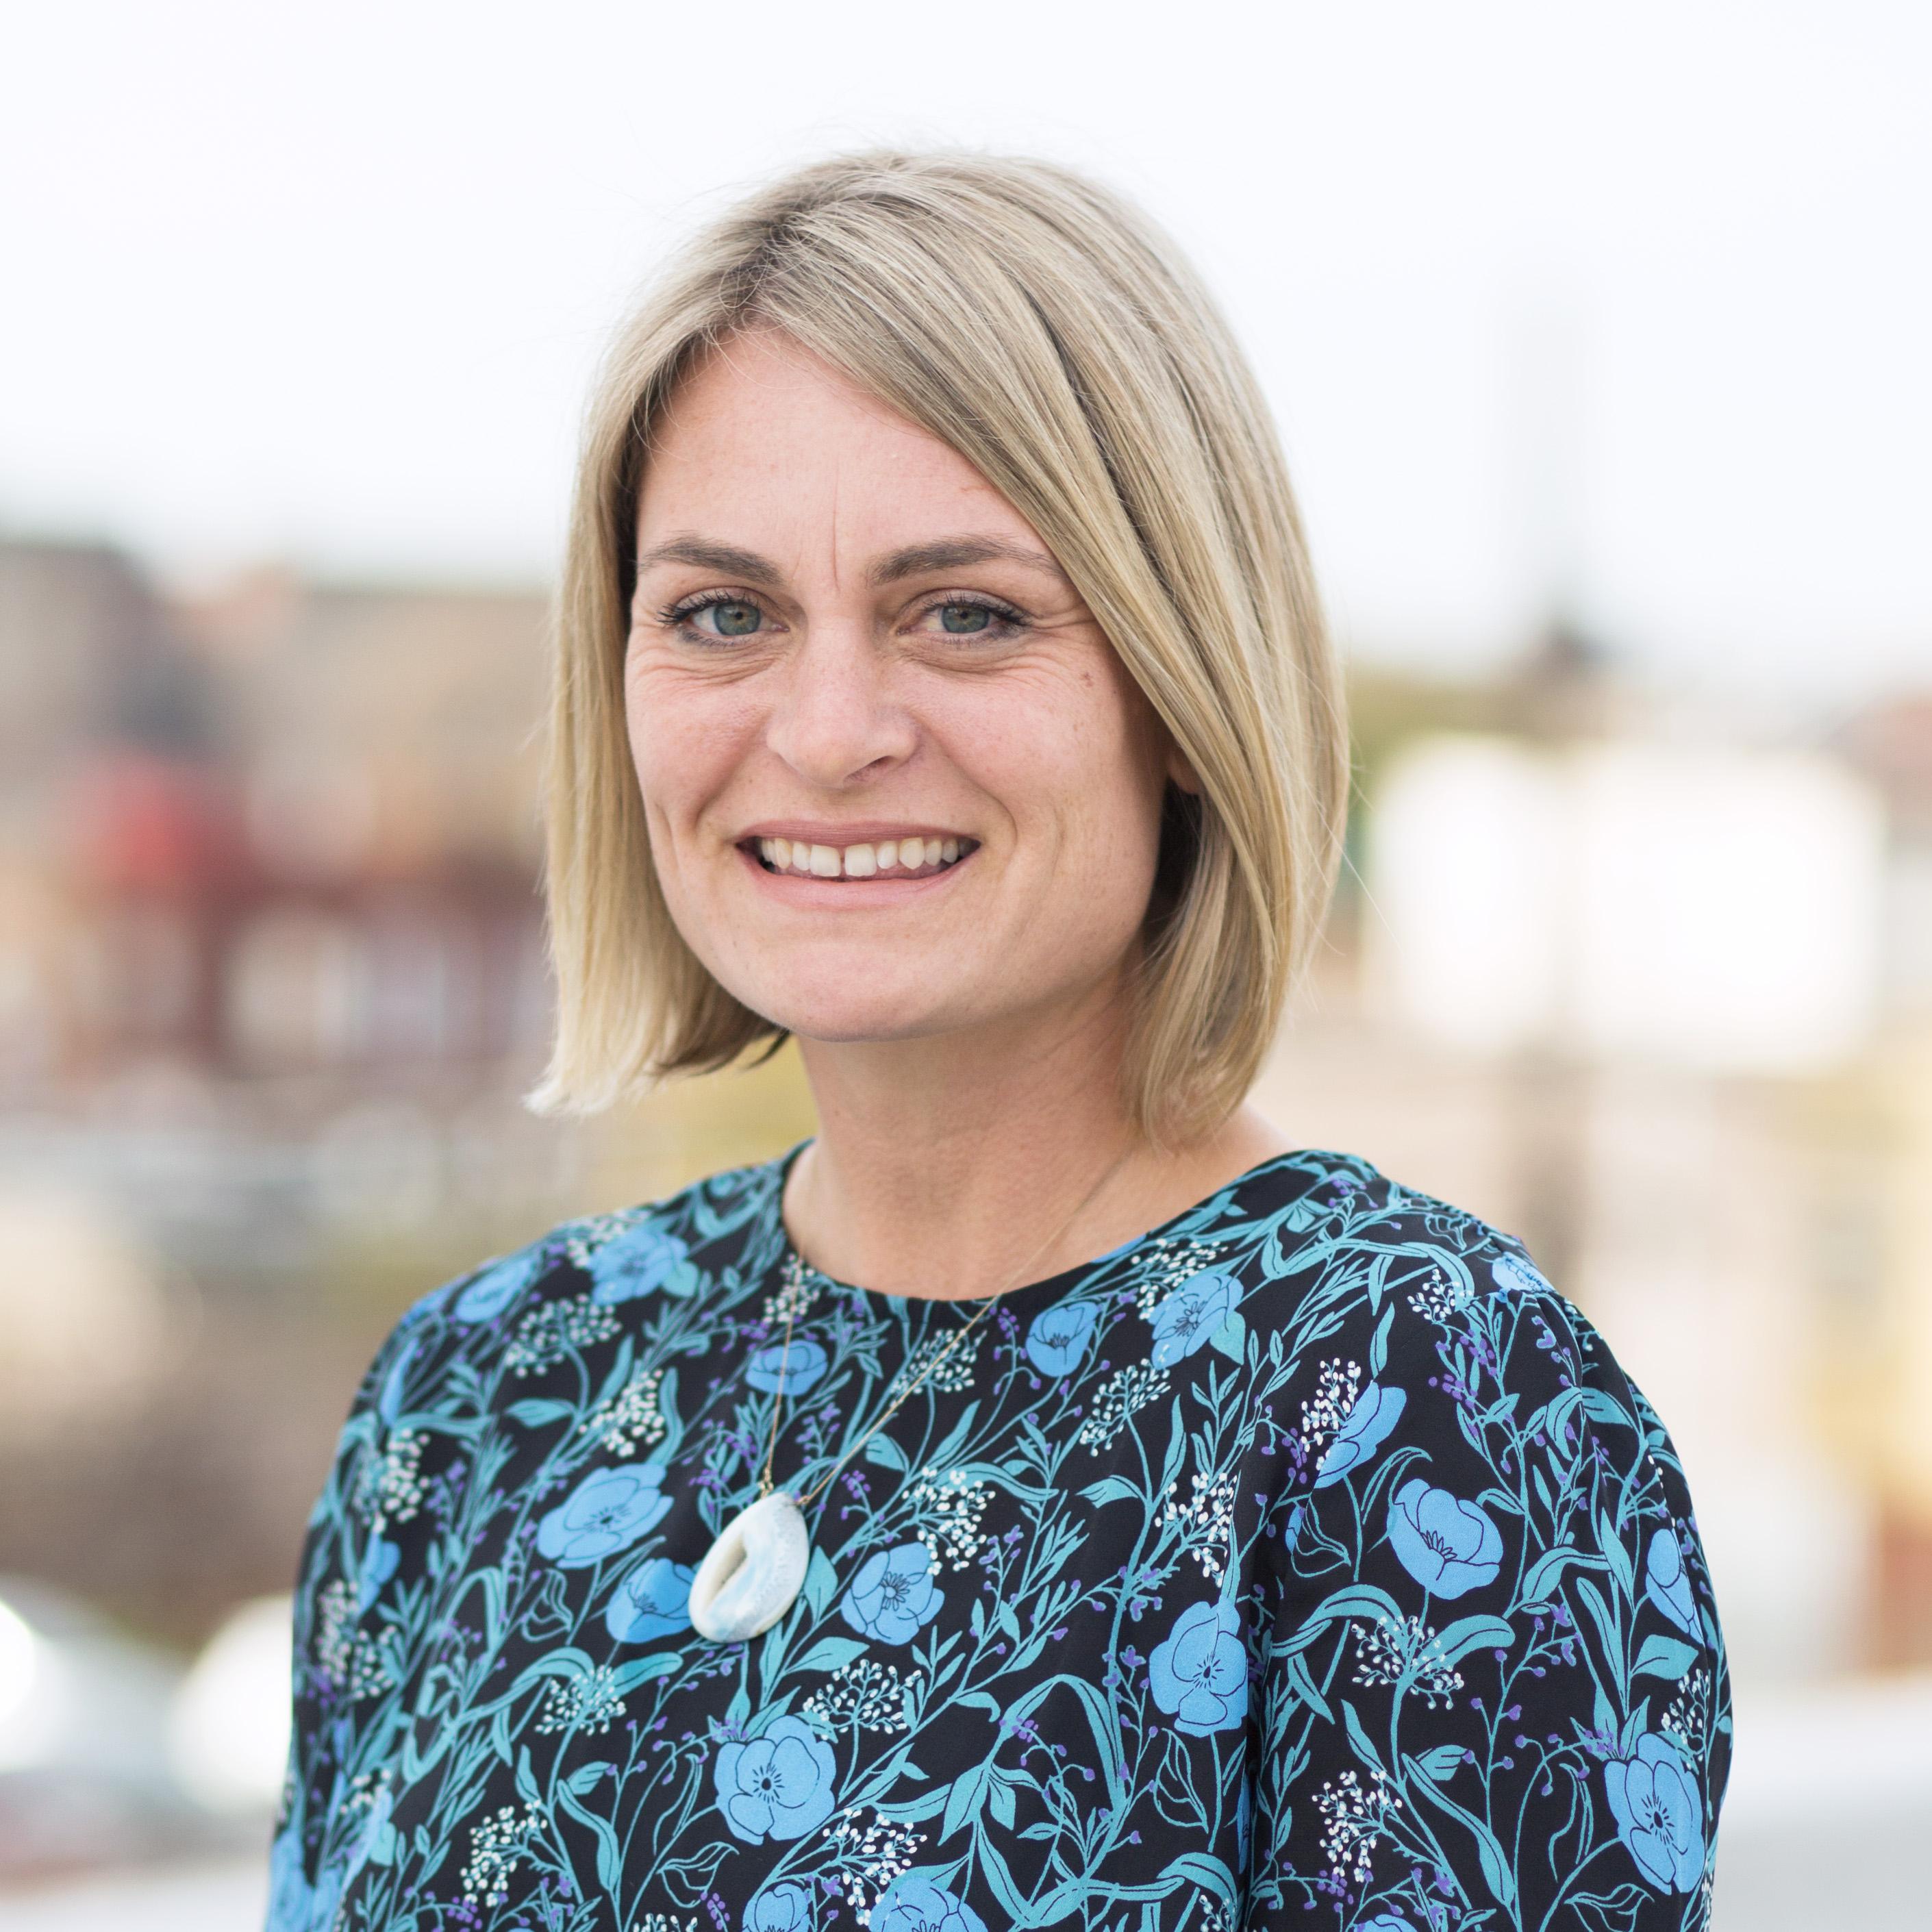 Sarah Carter - Executive Director: Jersey City